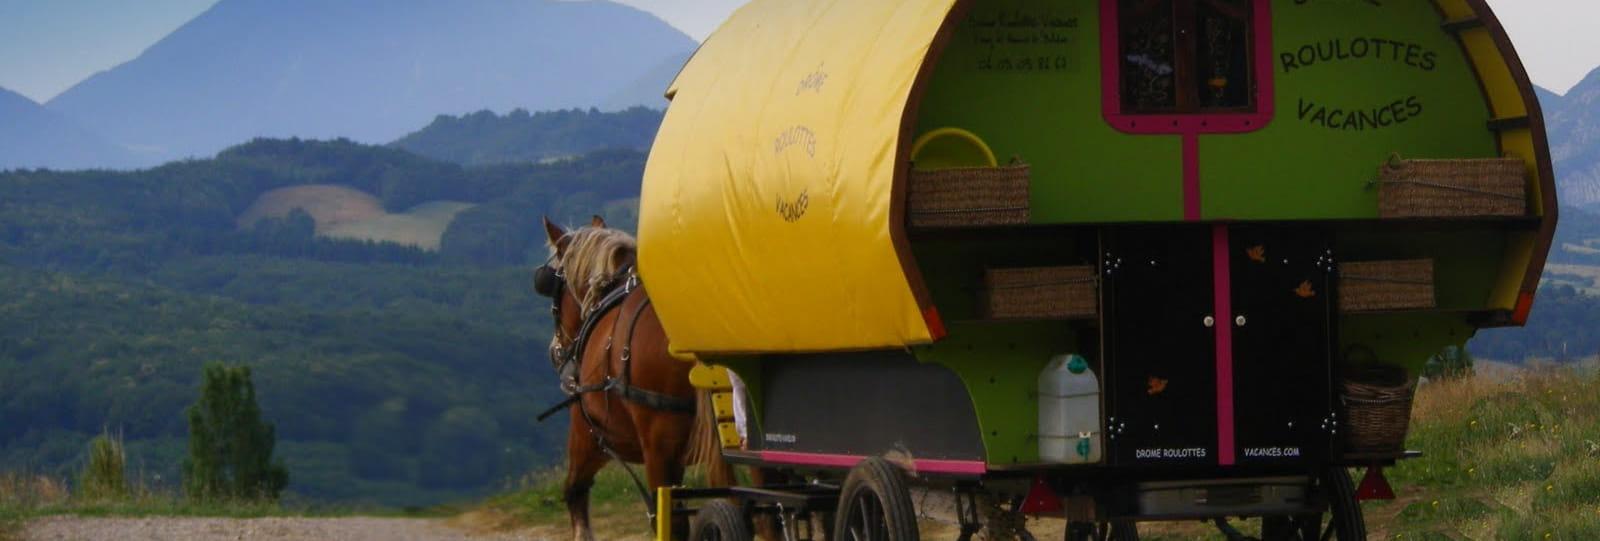 Une semaine de bohème en roulotte tirée par des chevaux